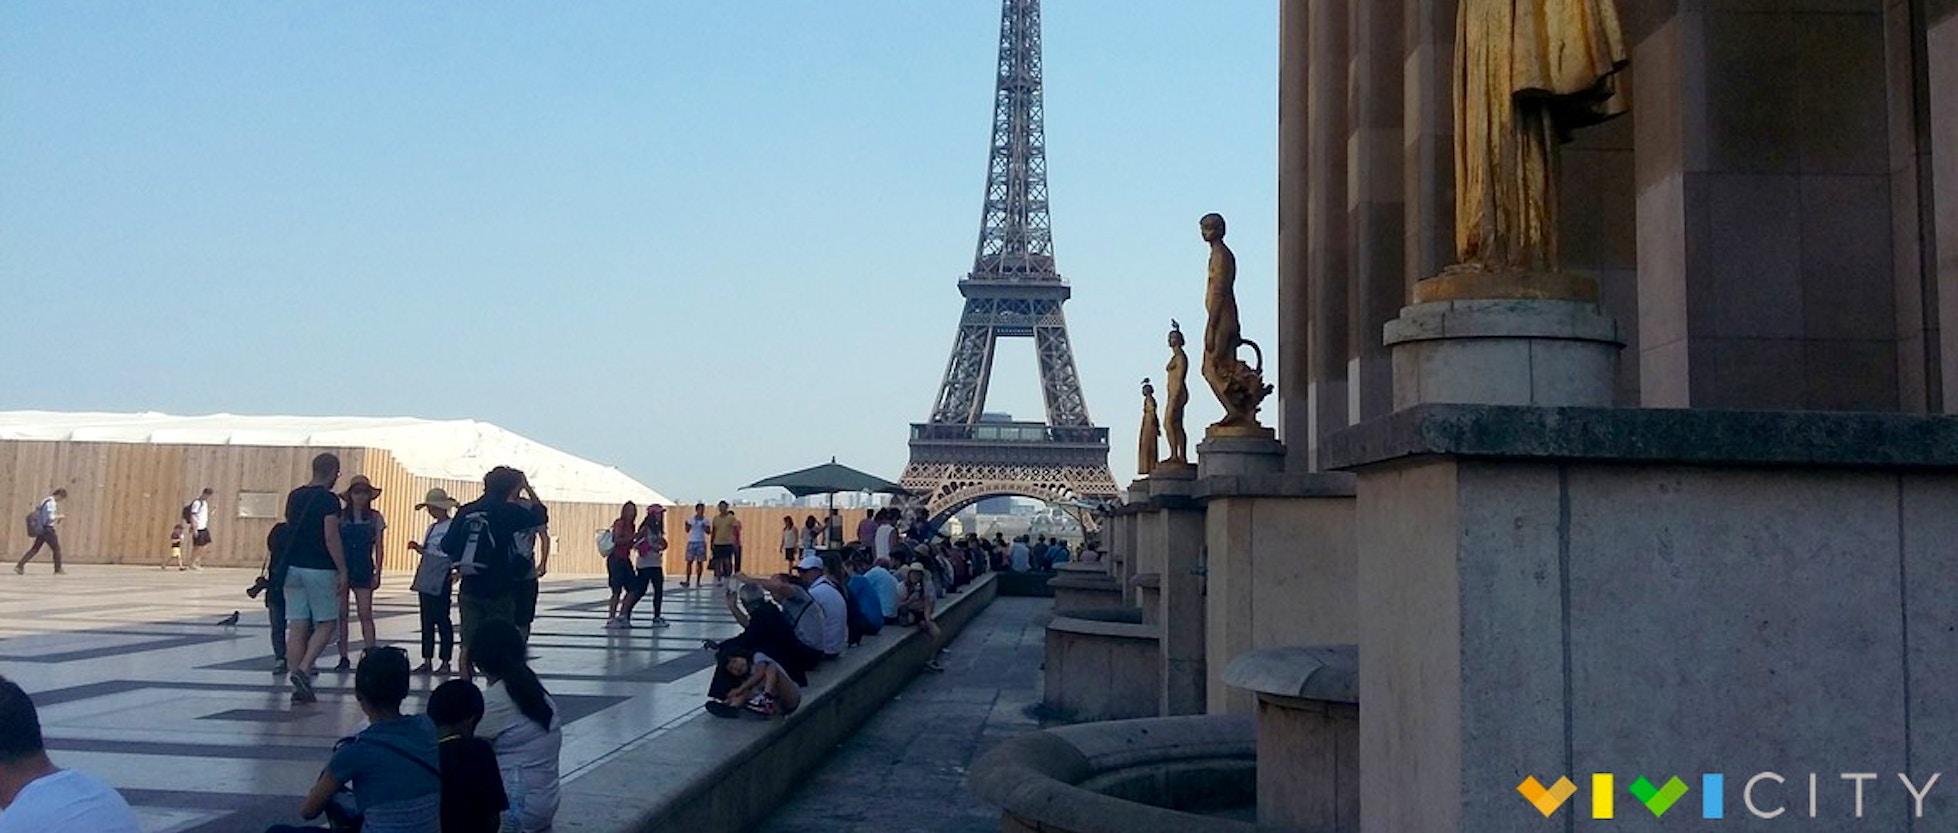 6 consigli per risparmiare se vieni a Parigi   VIVI Parigi